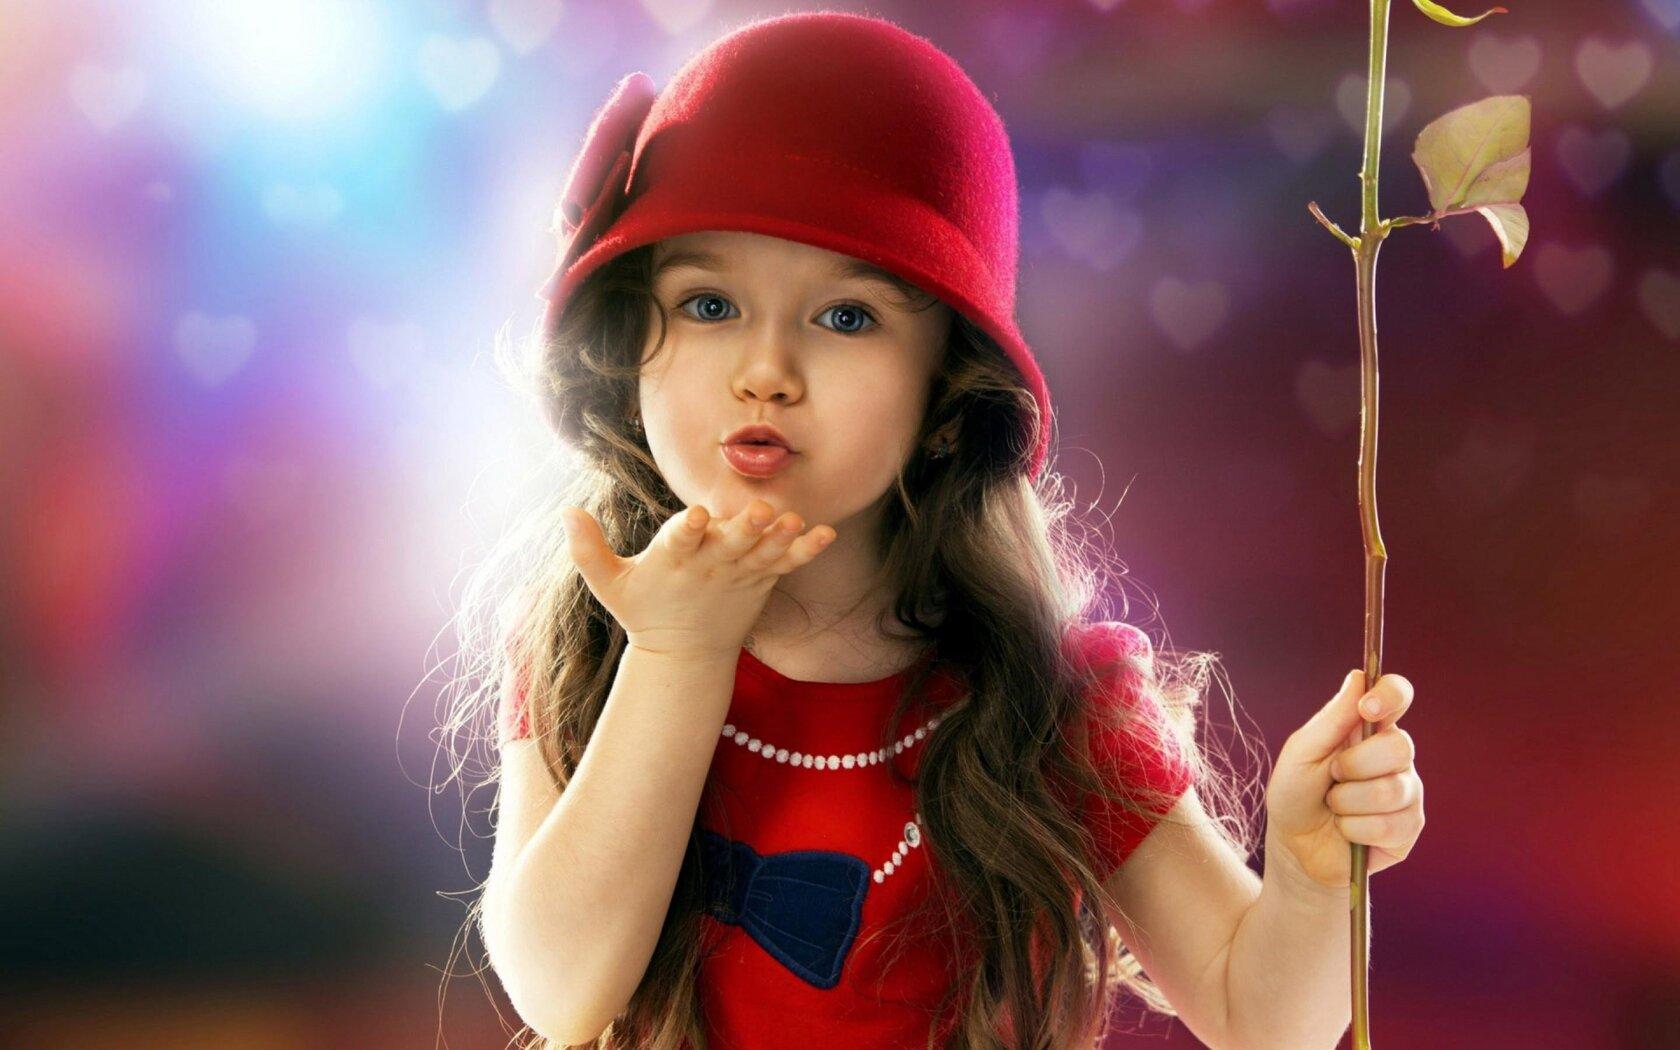 little-girl-blowing-a-kiss.jpg